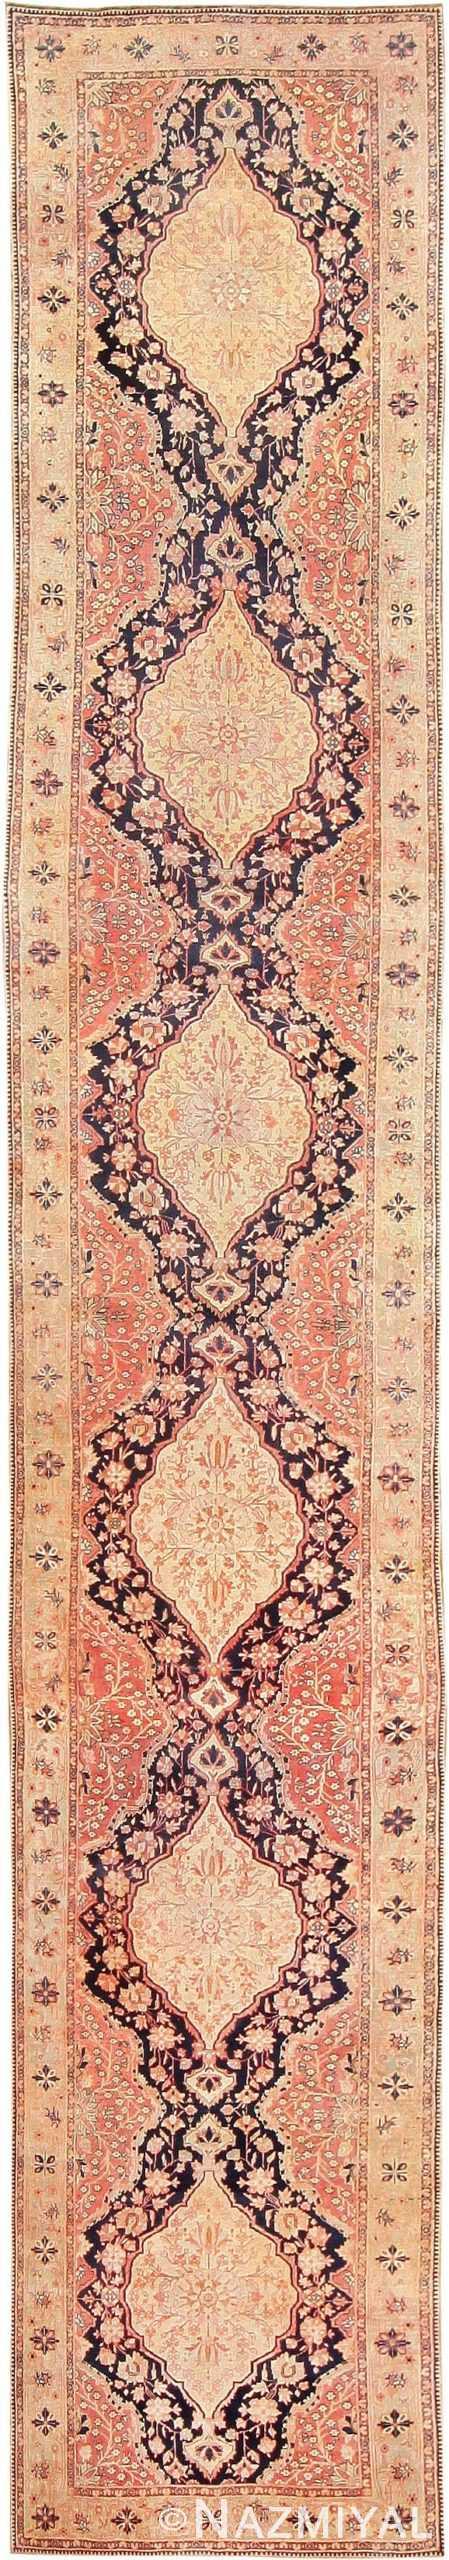 Antique Mohtashem Kashan Persian Runner 47499 Nazmiyal